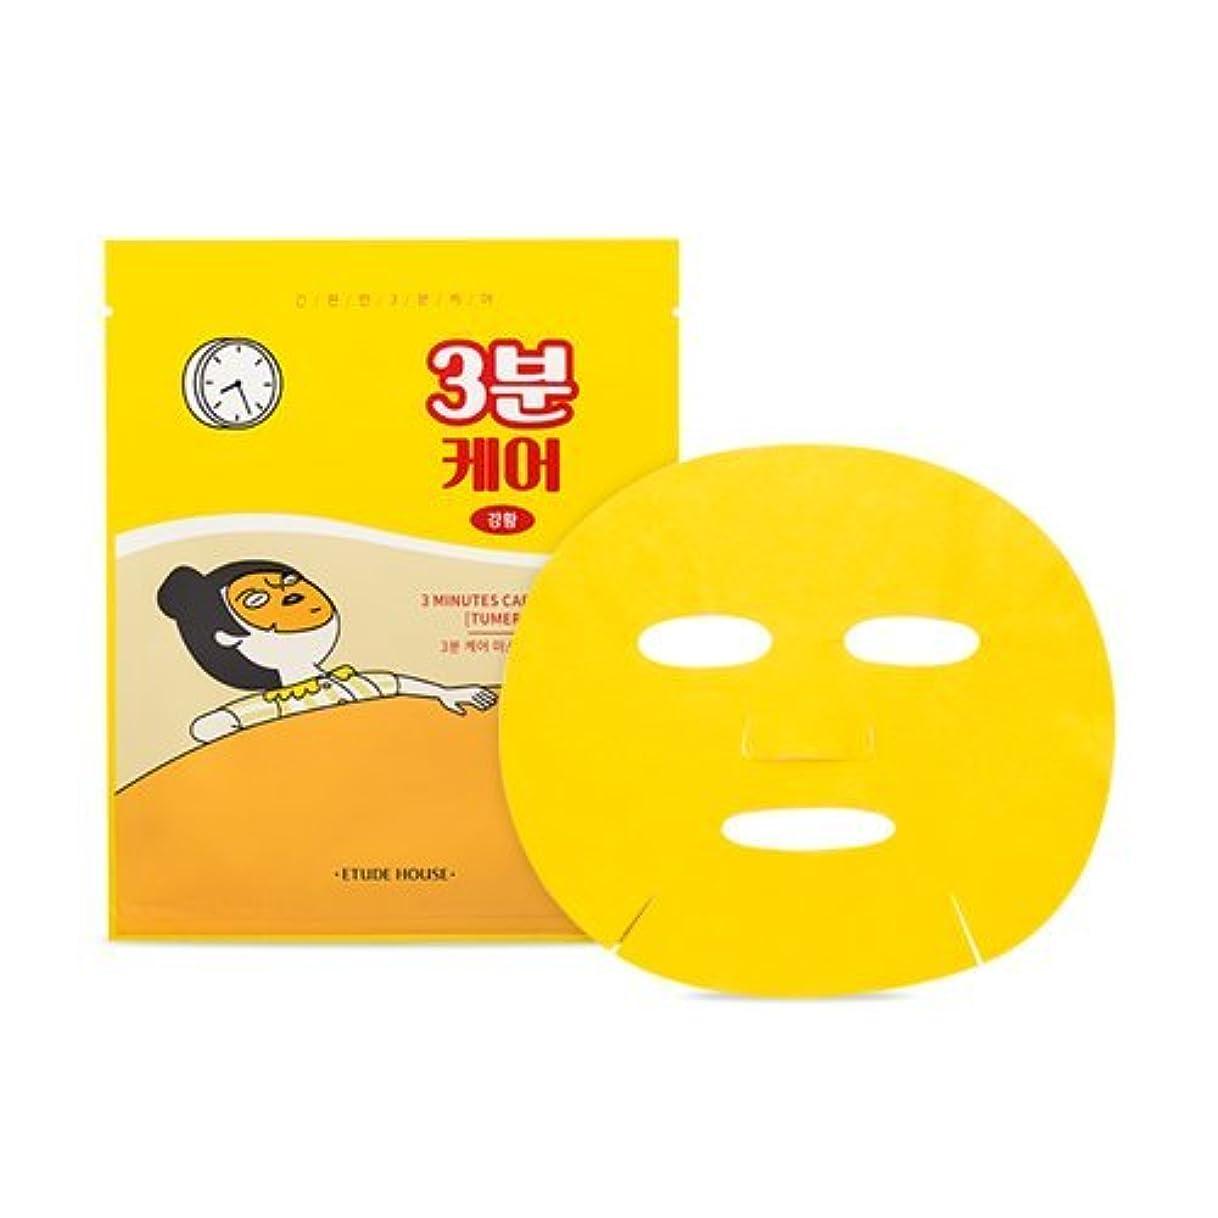 遠いジェームズダイソン傾いたエチュードハウス 3分ケア マスク[ ウコン ] 5枚/ETUDE HOUSE 3 Minutes Care Mask [TUMERIC] 23g*5EA